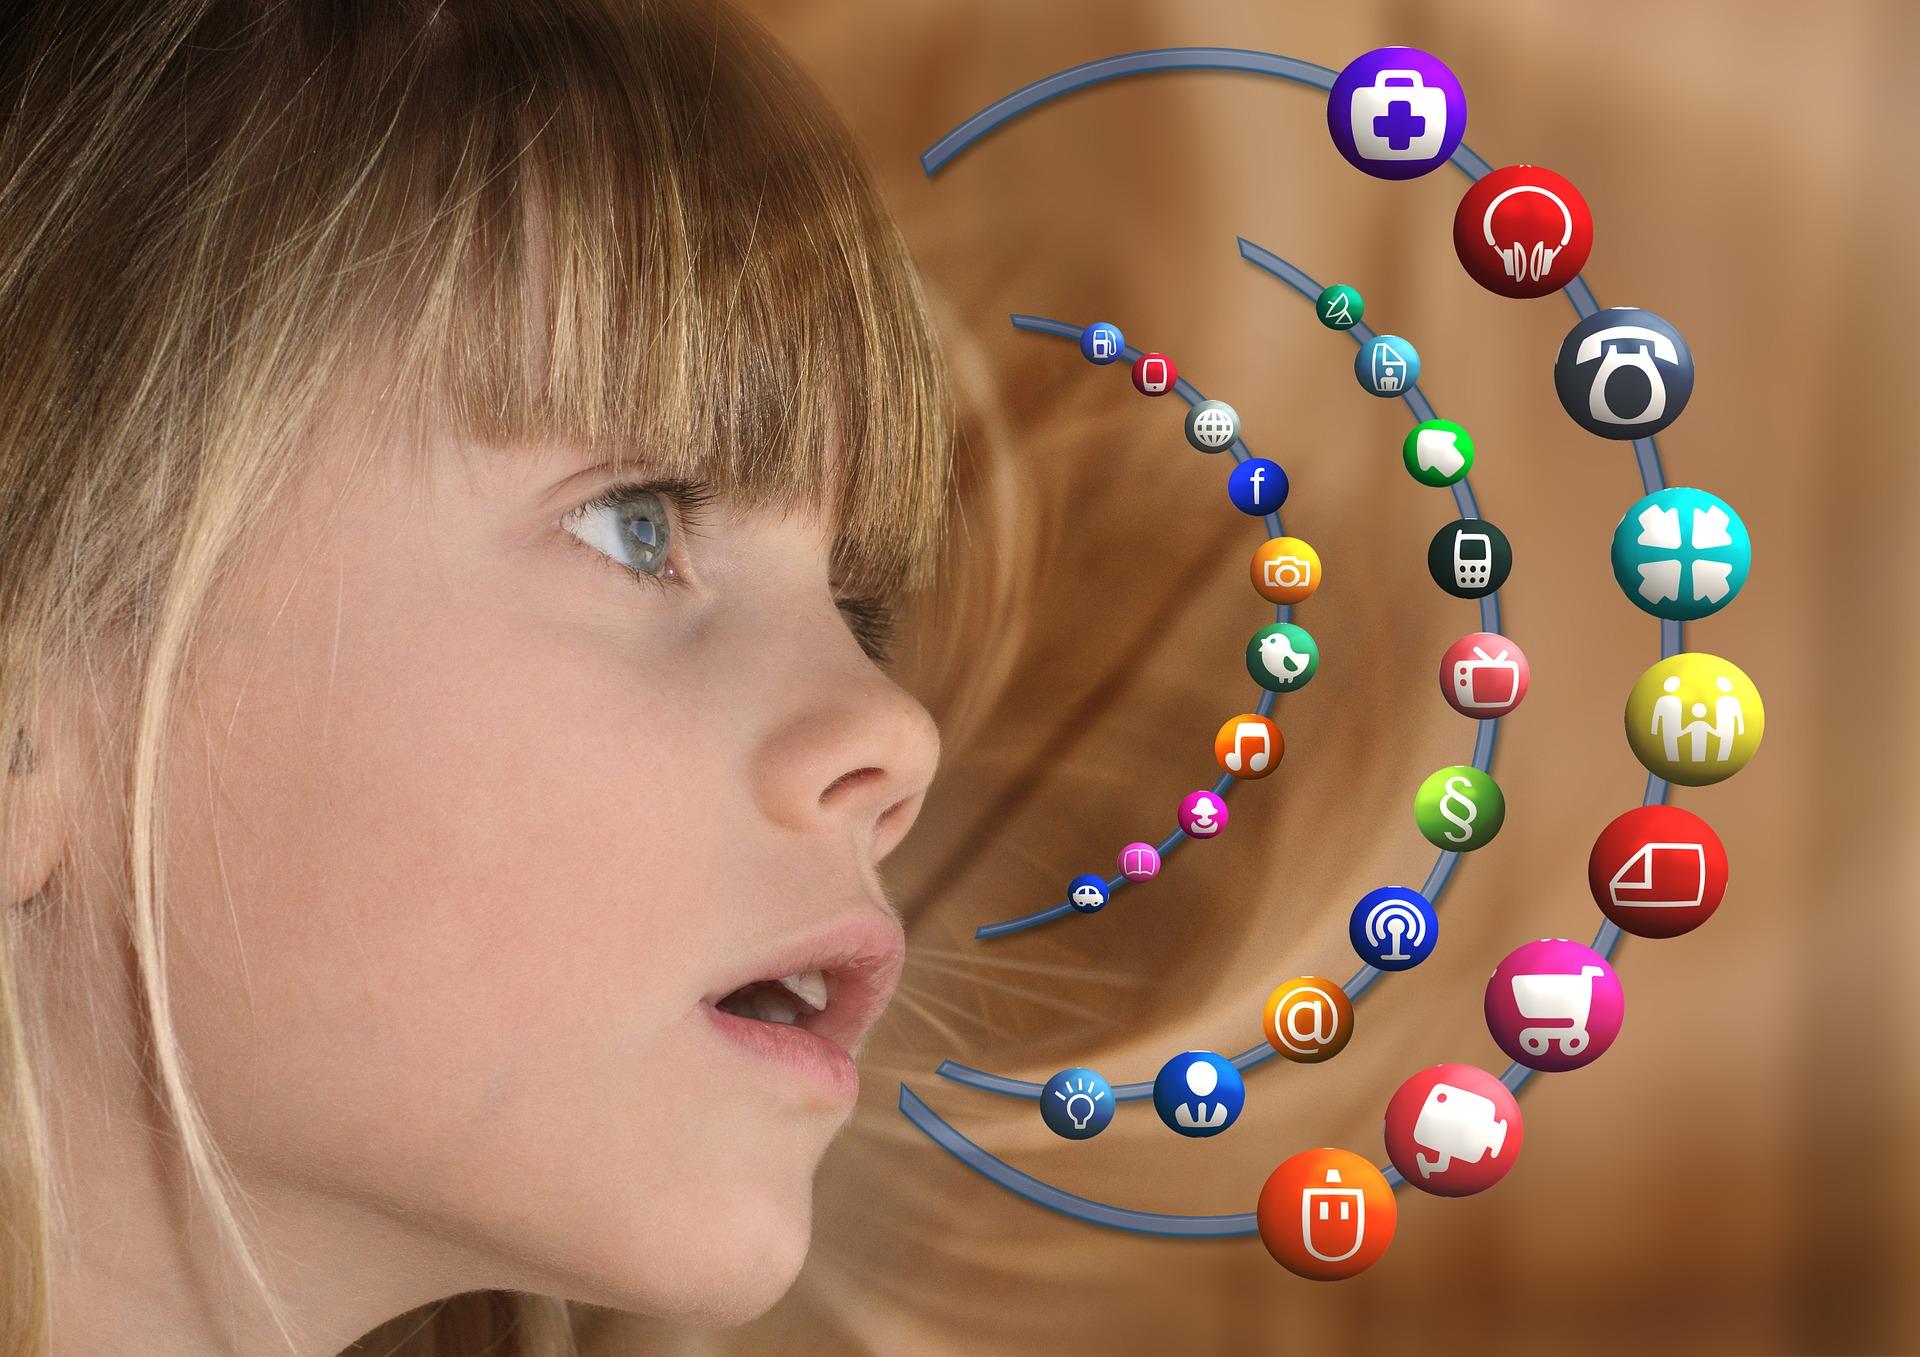 Dziewczynka ma otwarte usta, a wokół niej widać ikony aplikacji internetowych.